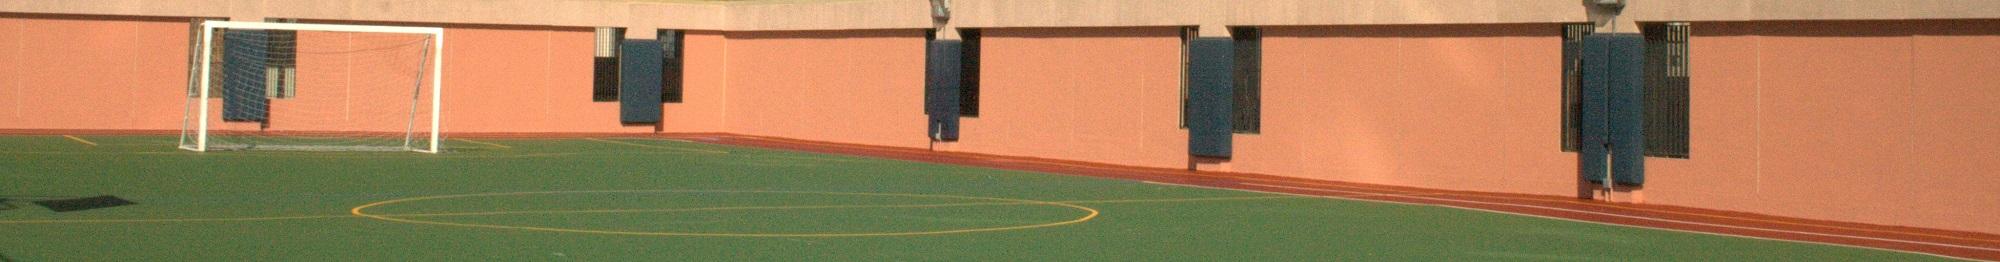 Versacoat specialty sport surfaces